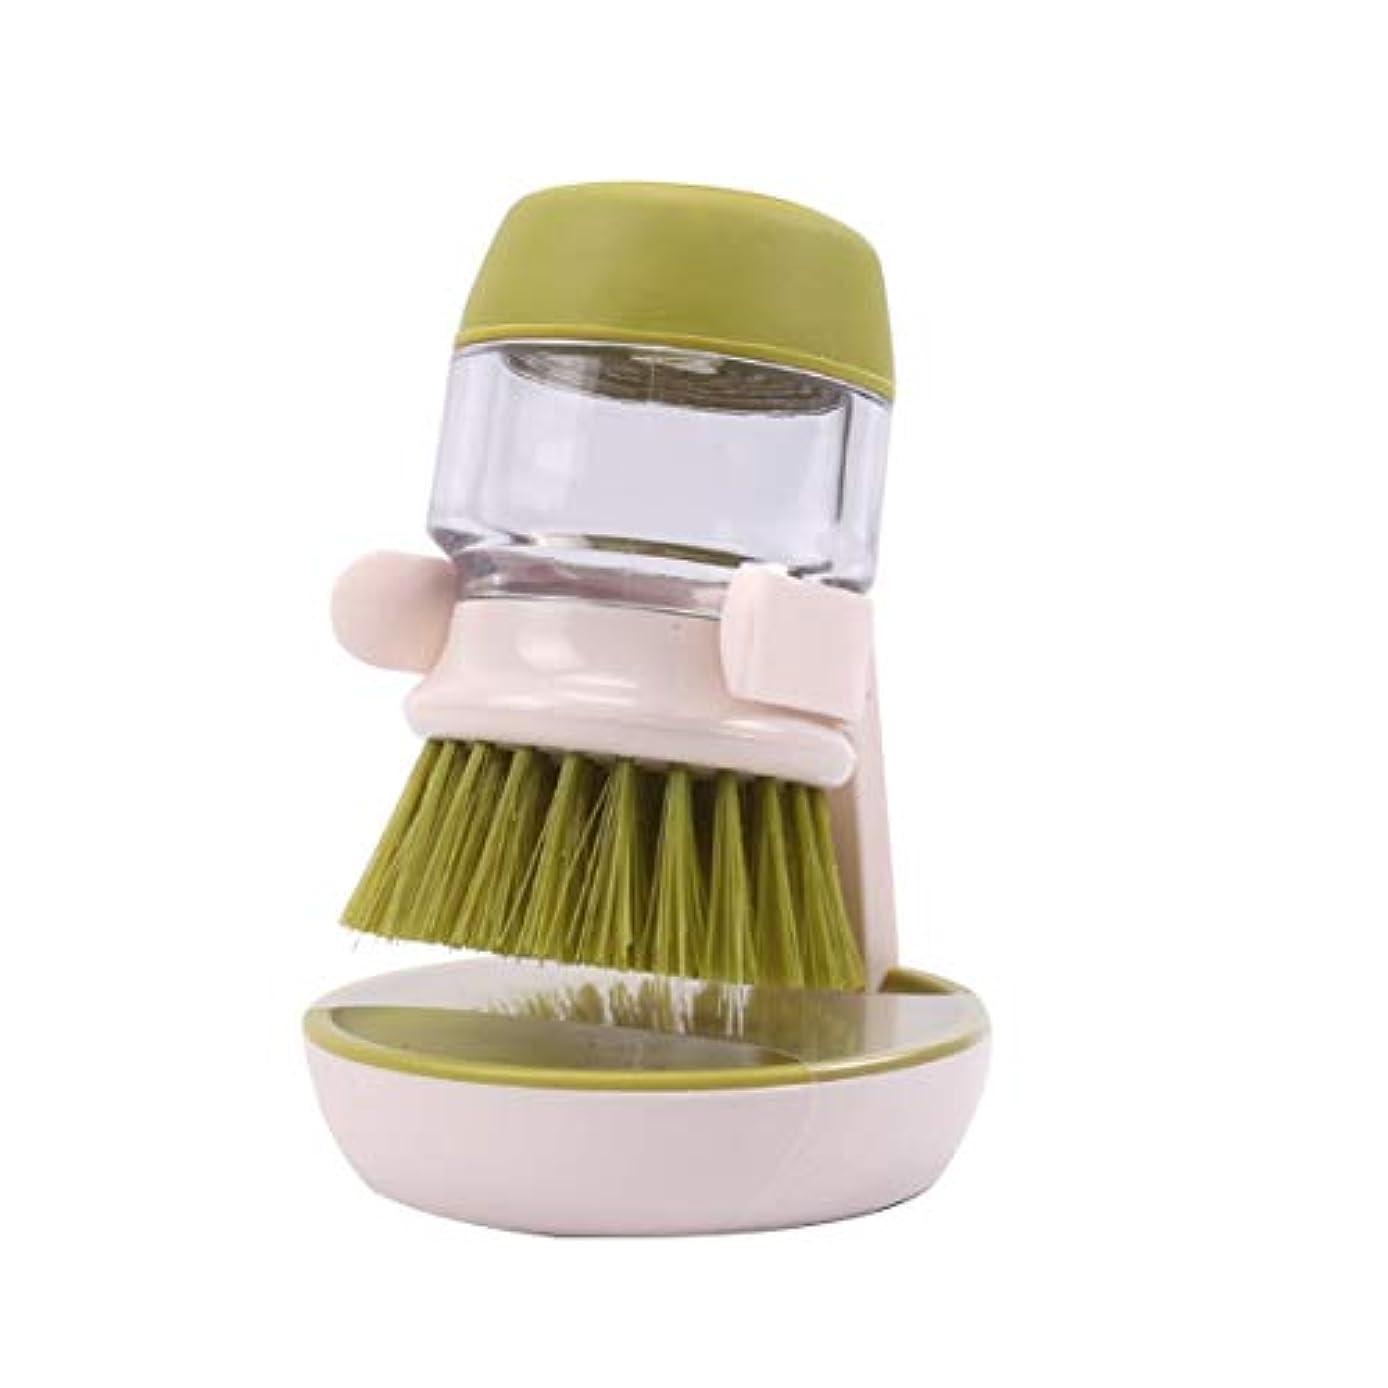 主張する志す感嘆符クリーニングブラシ自動液体洗浄皿ブラシパンポットボウルブラシキッチンクリーニングツールベース付きスクラバー-緑